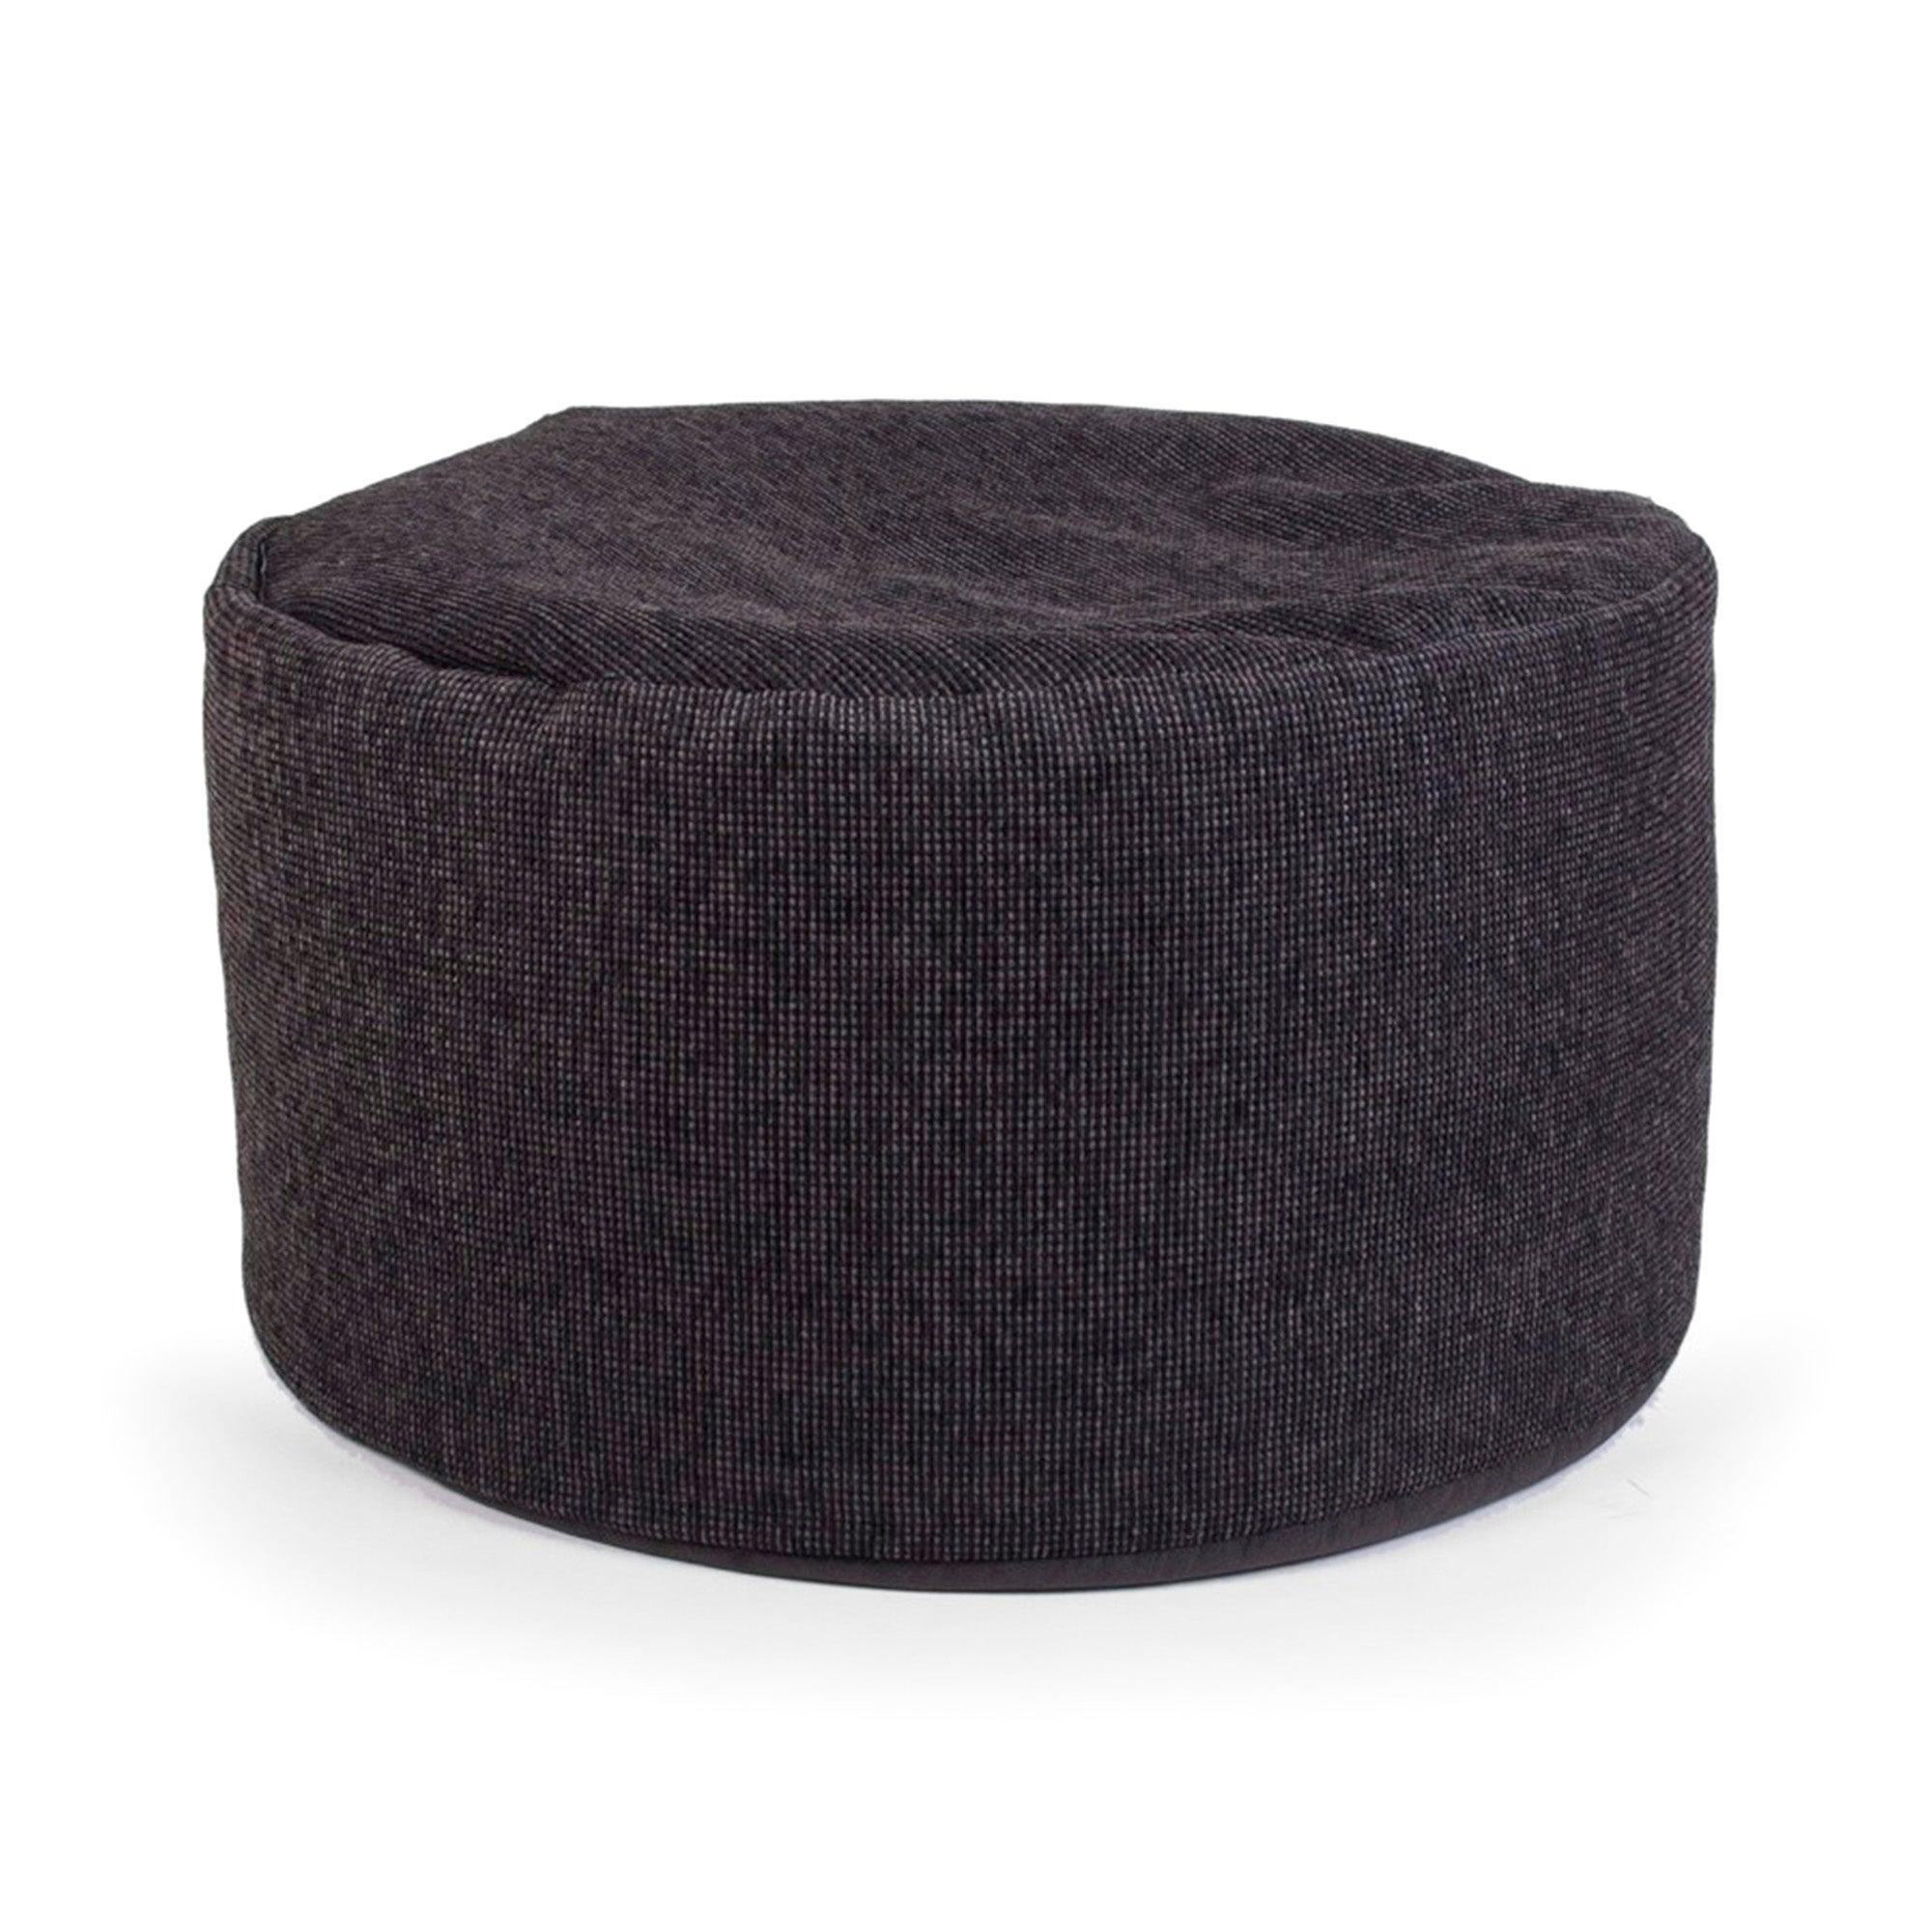 Zipper Bean Chair